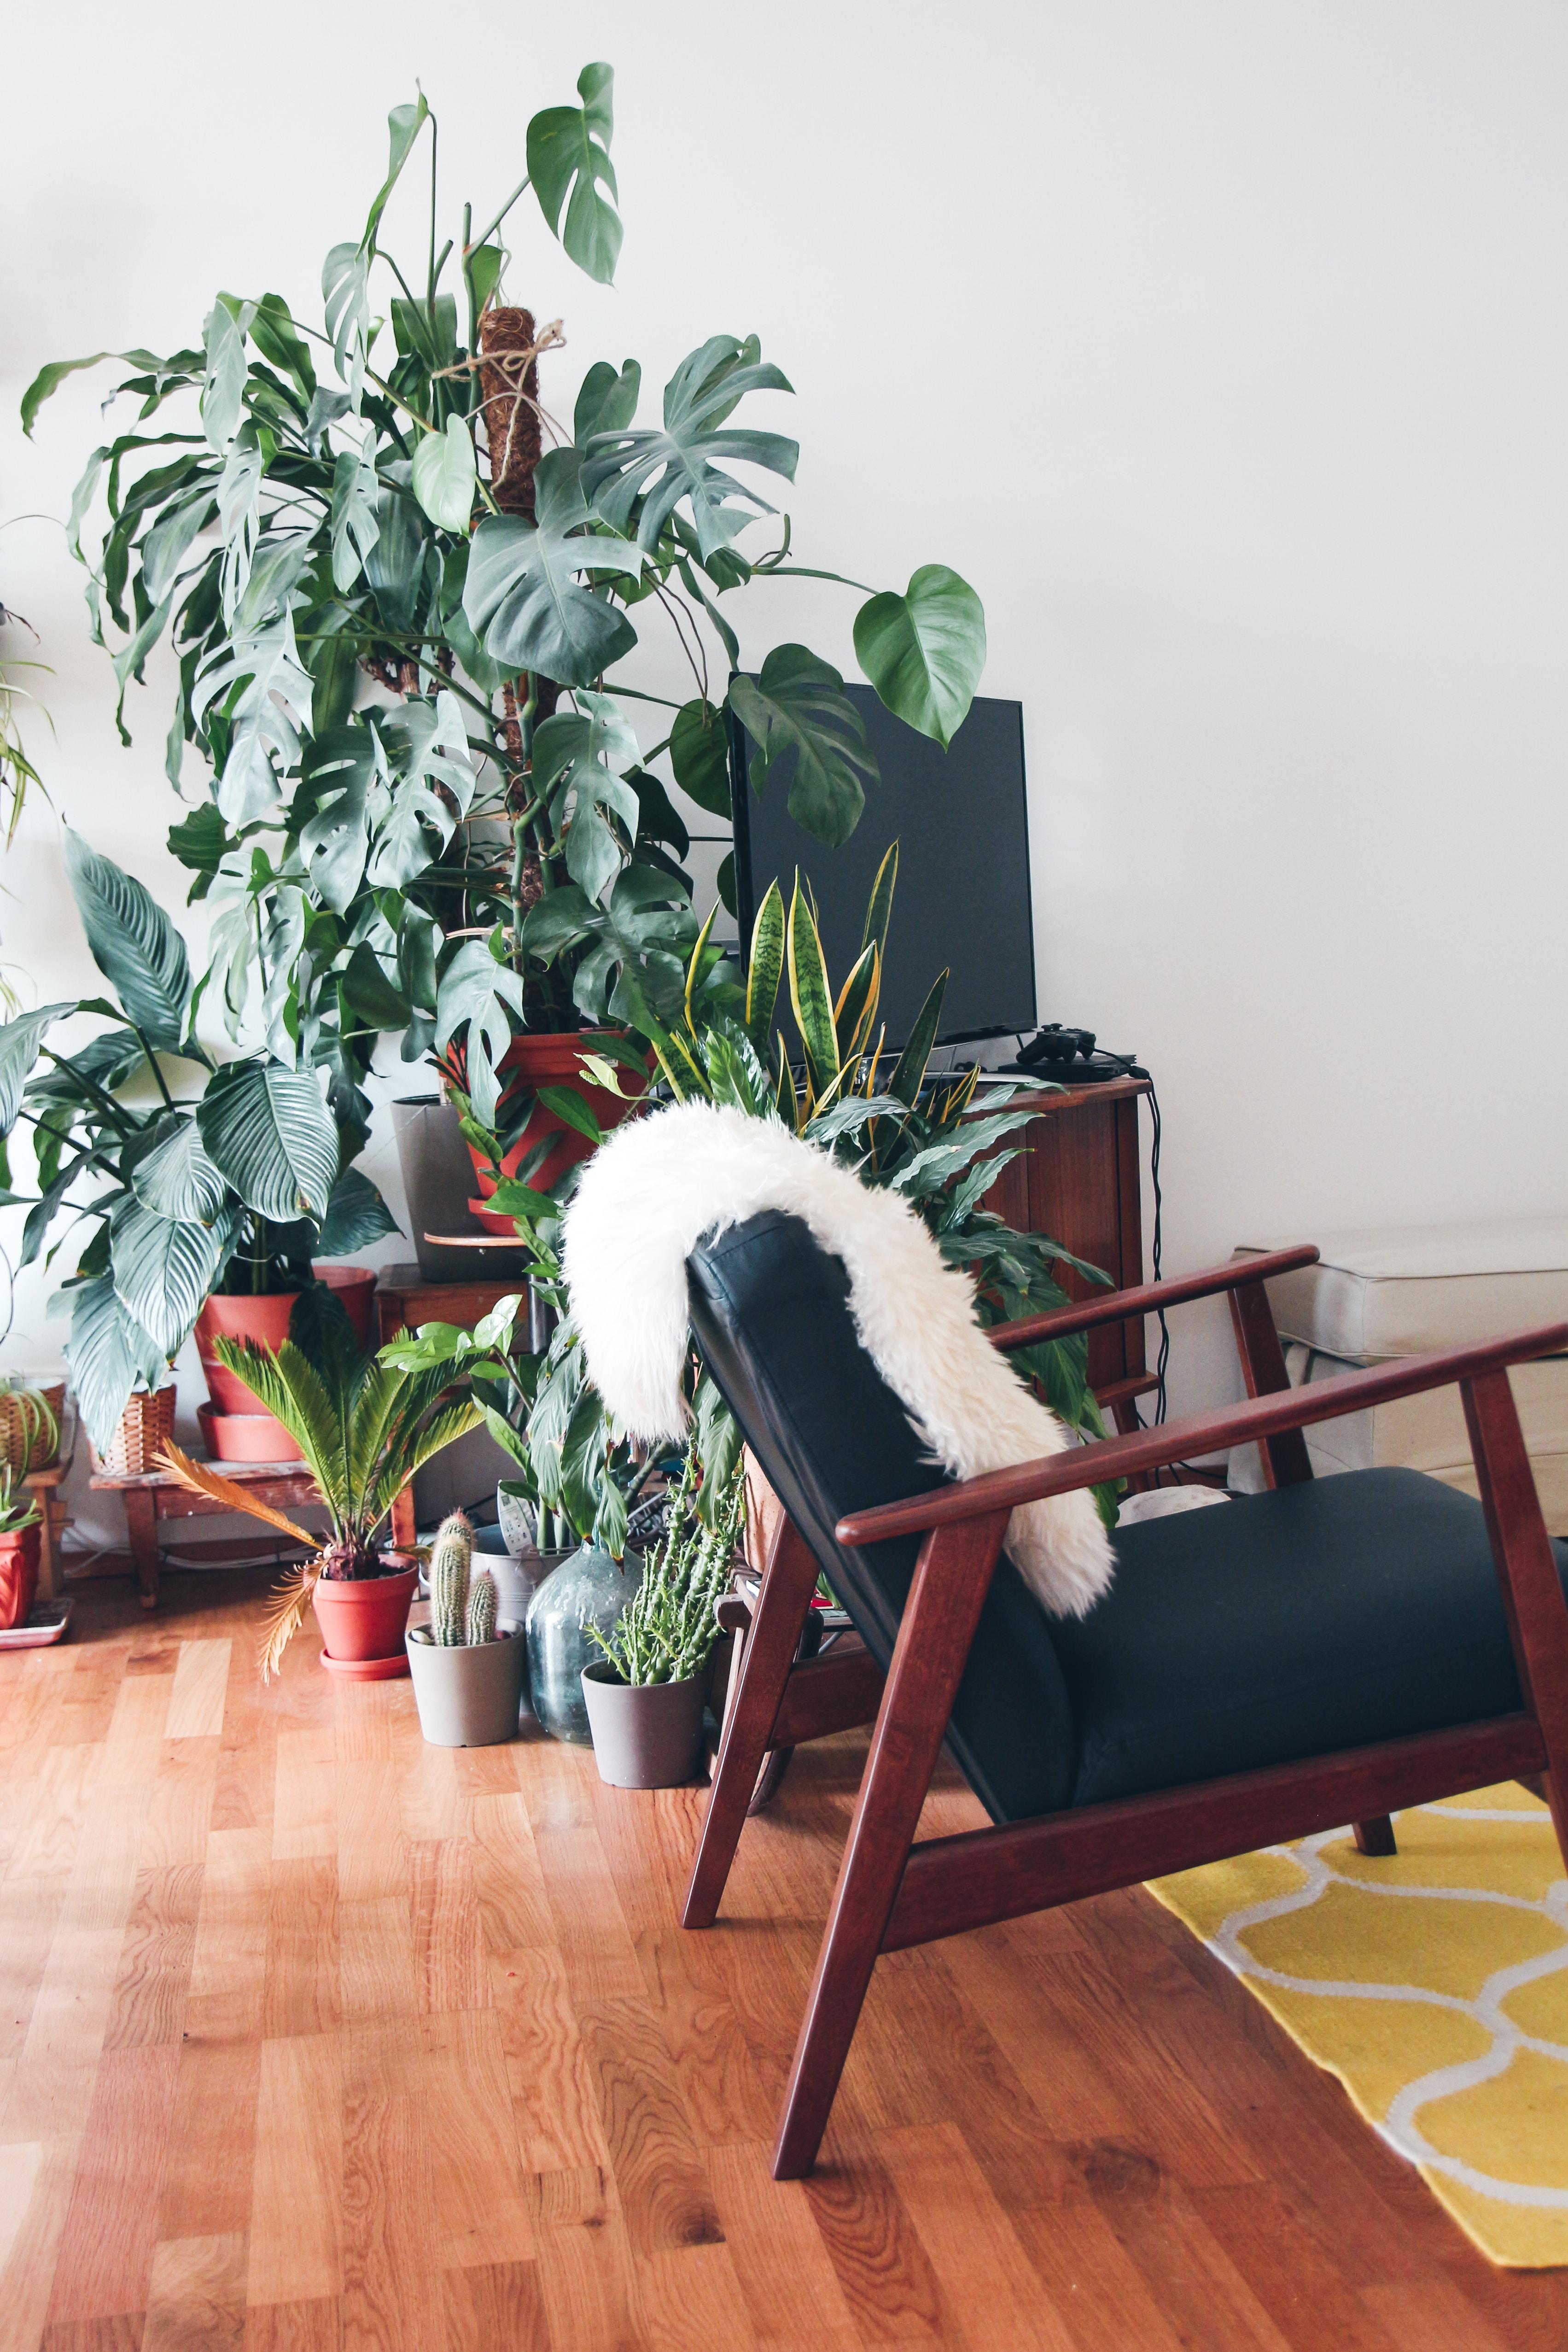 white fur textile on armchair